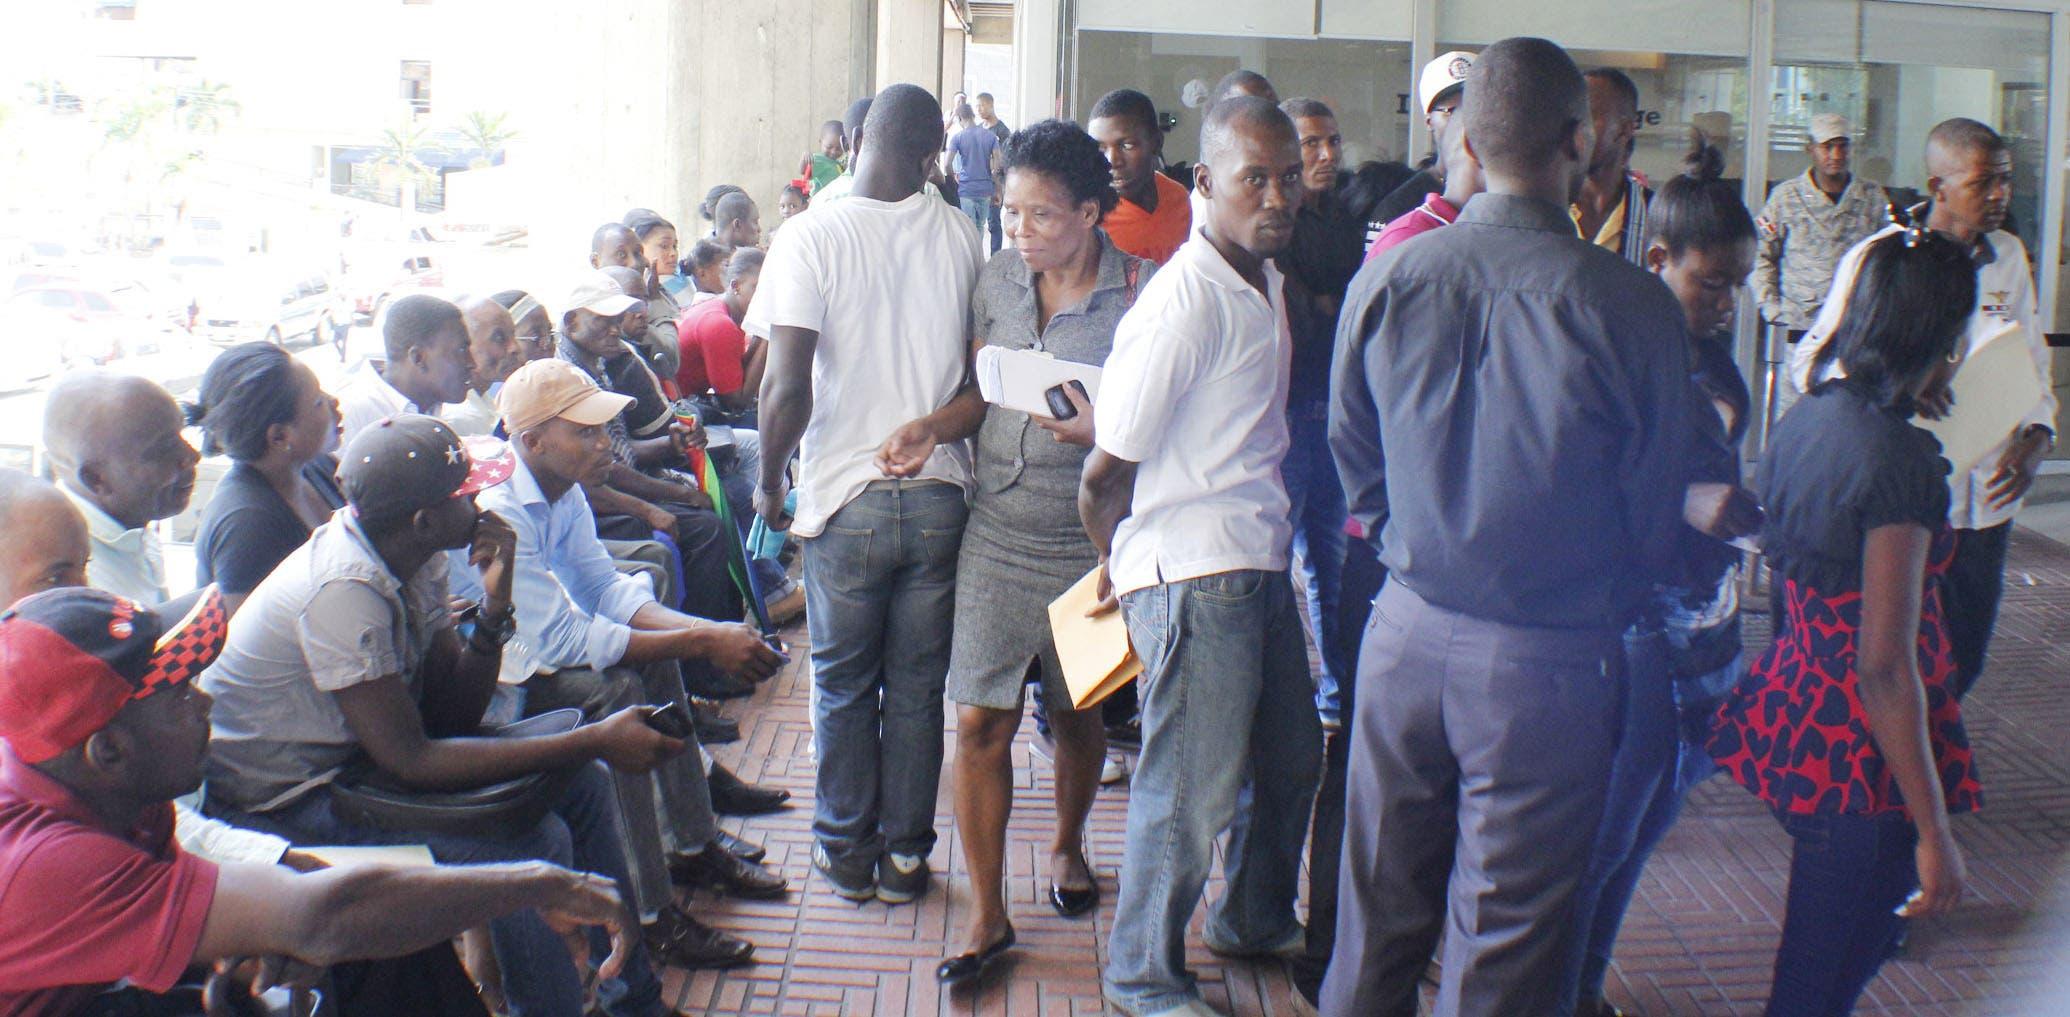 Decenas de nacionales haitianos hacían filas este miércoles para regularizar sus documentos en el país. Foto: Elieser Tapia.